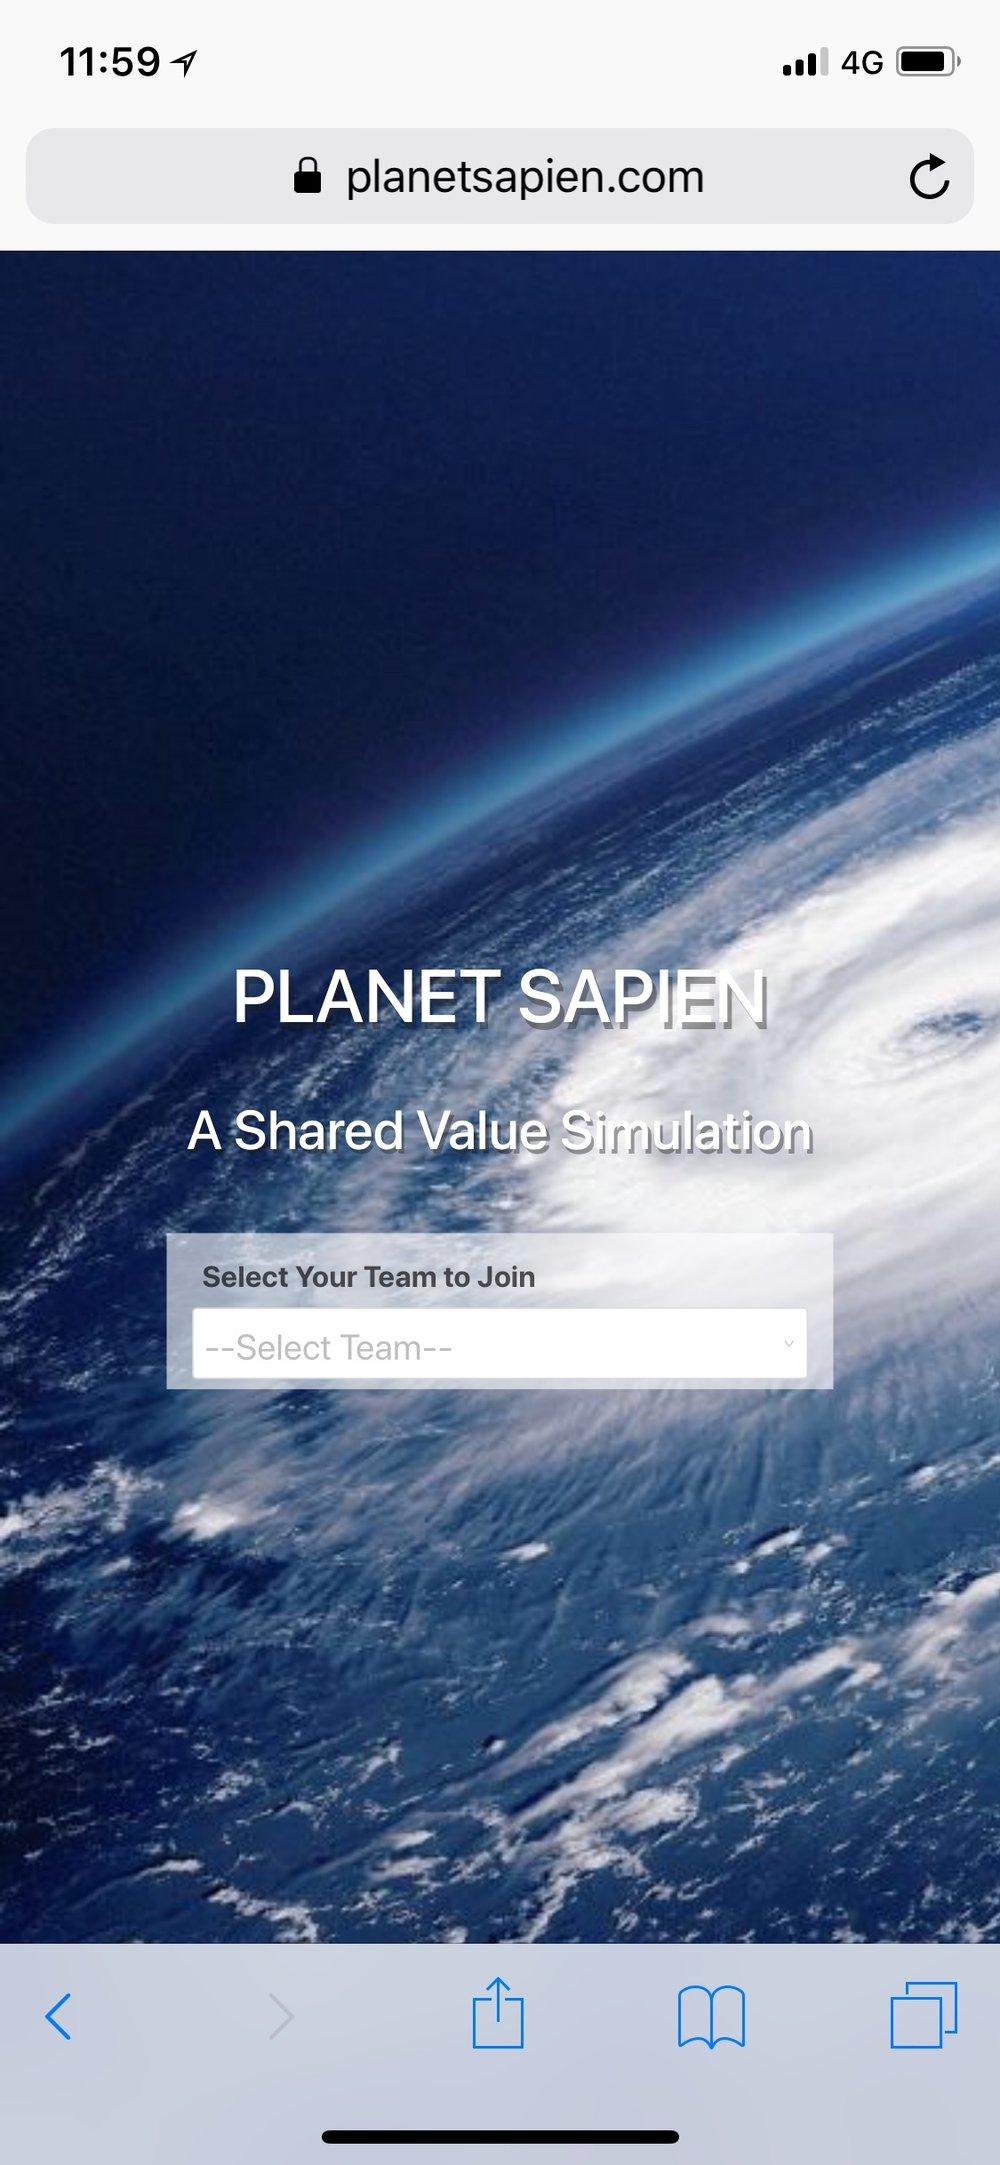 planetsapien1.jpg